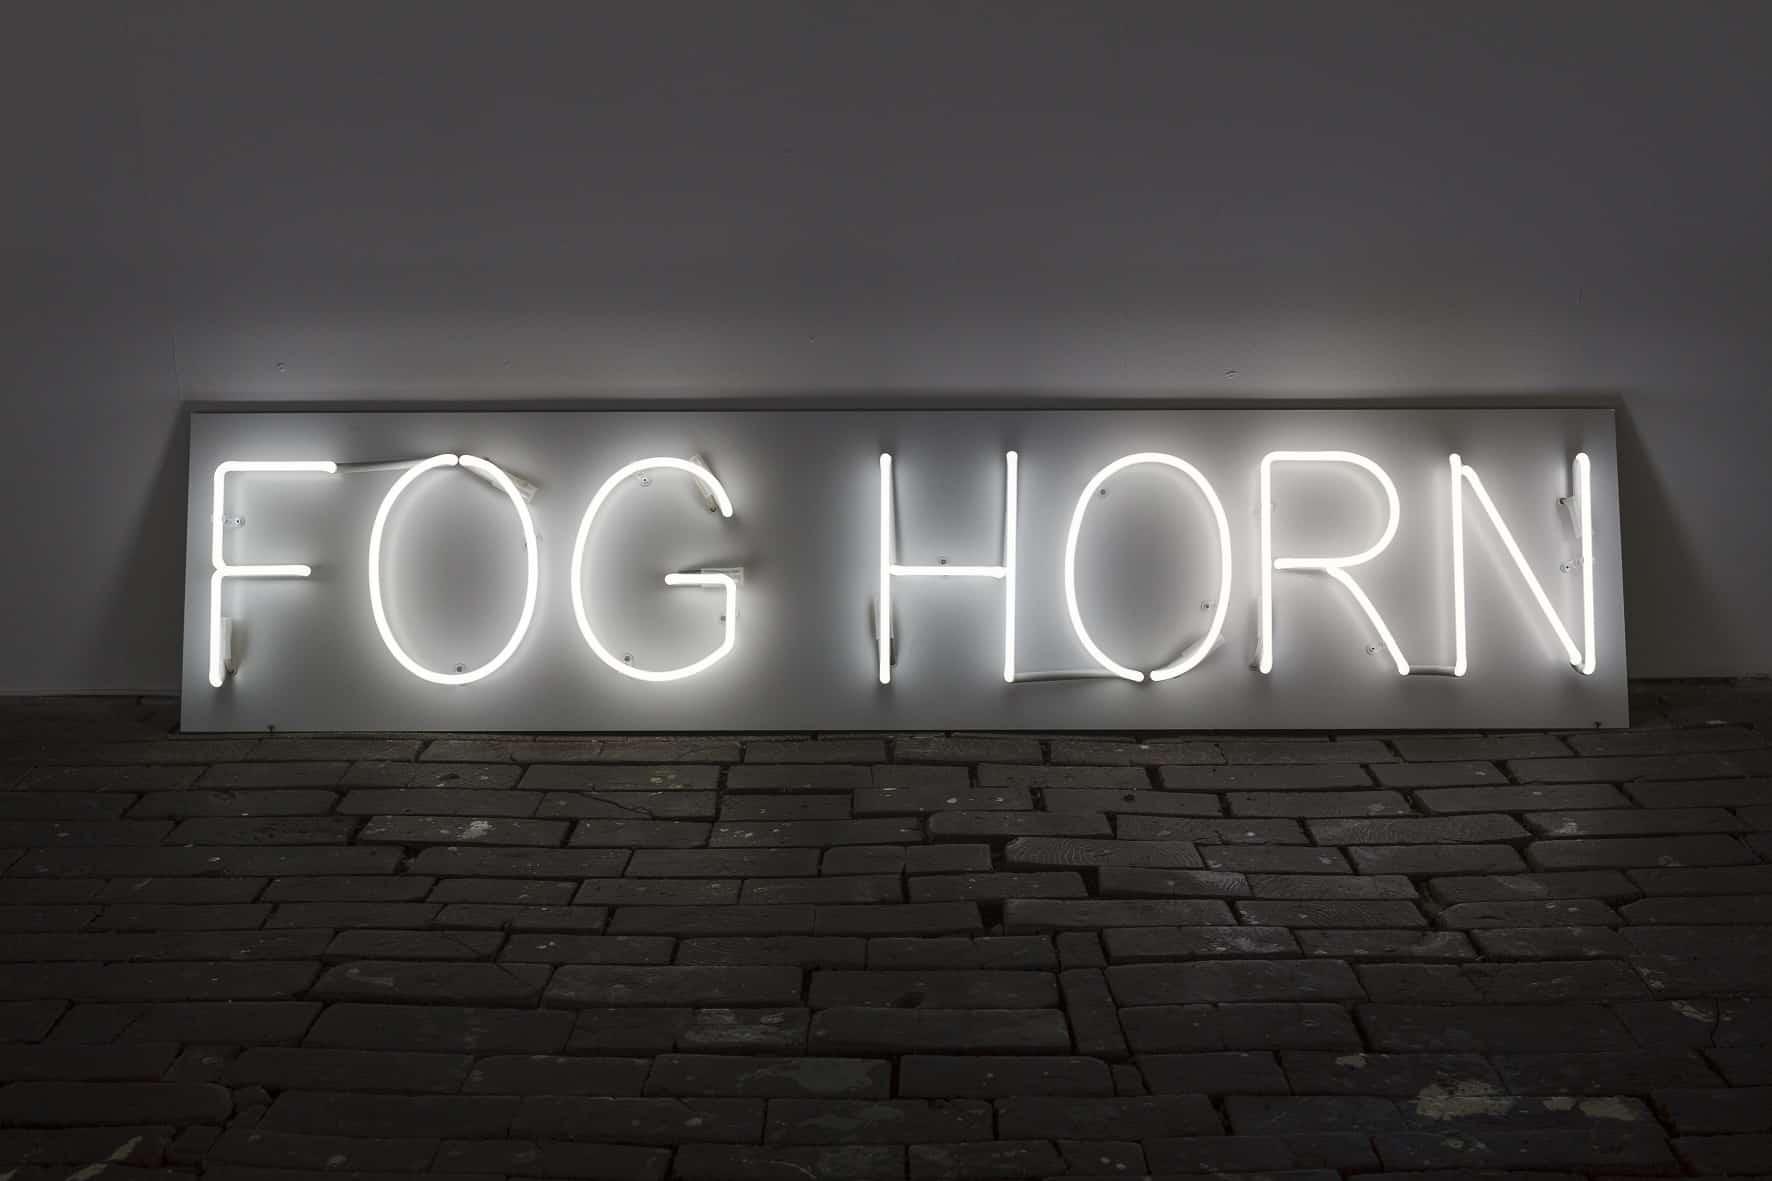 Foghorn exhibition